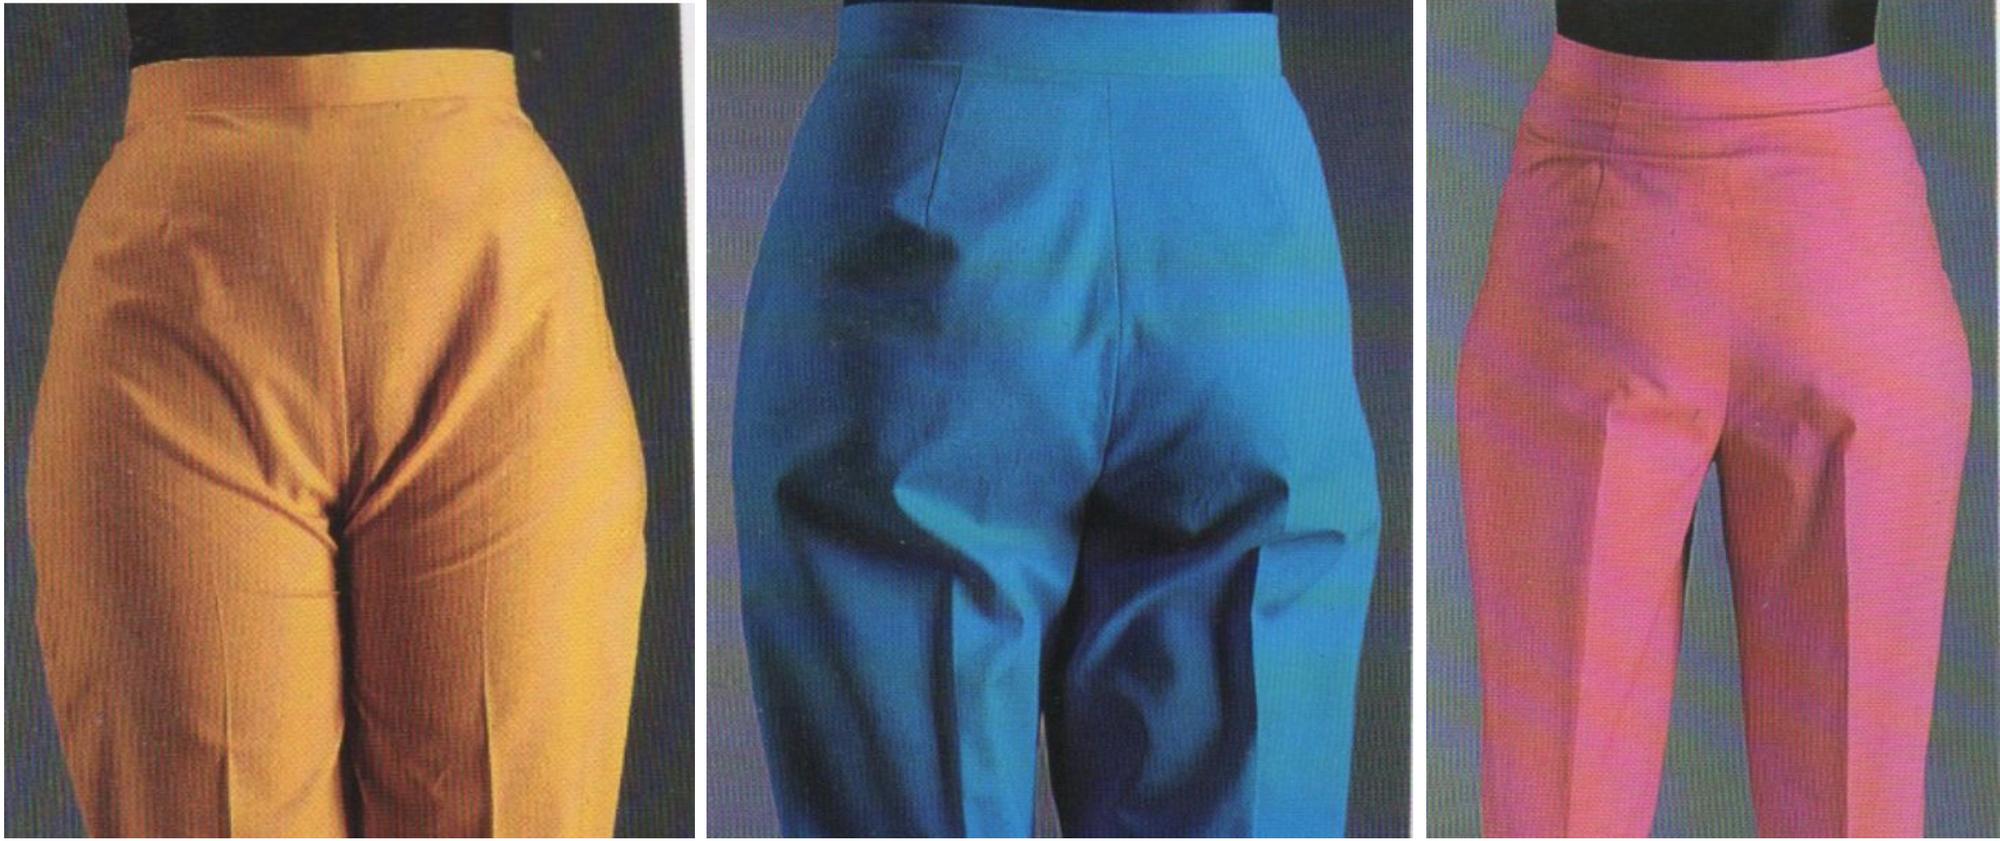 Как подготовиться к курсам по идеальной посадке брюк